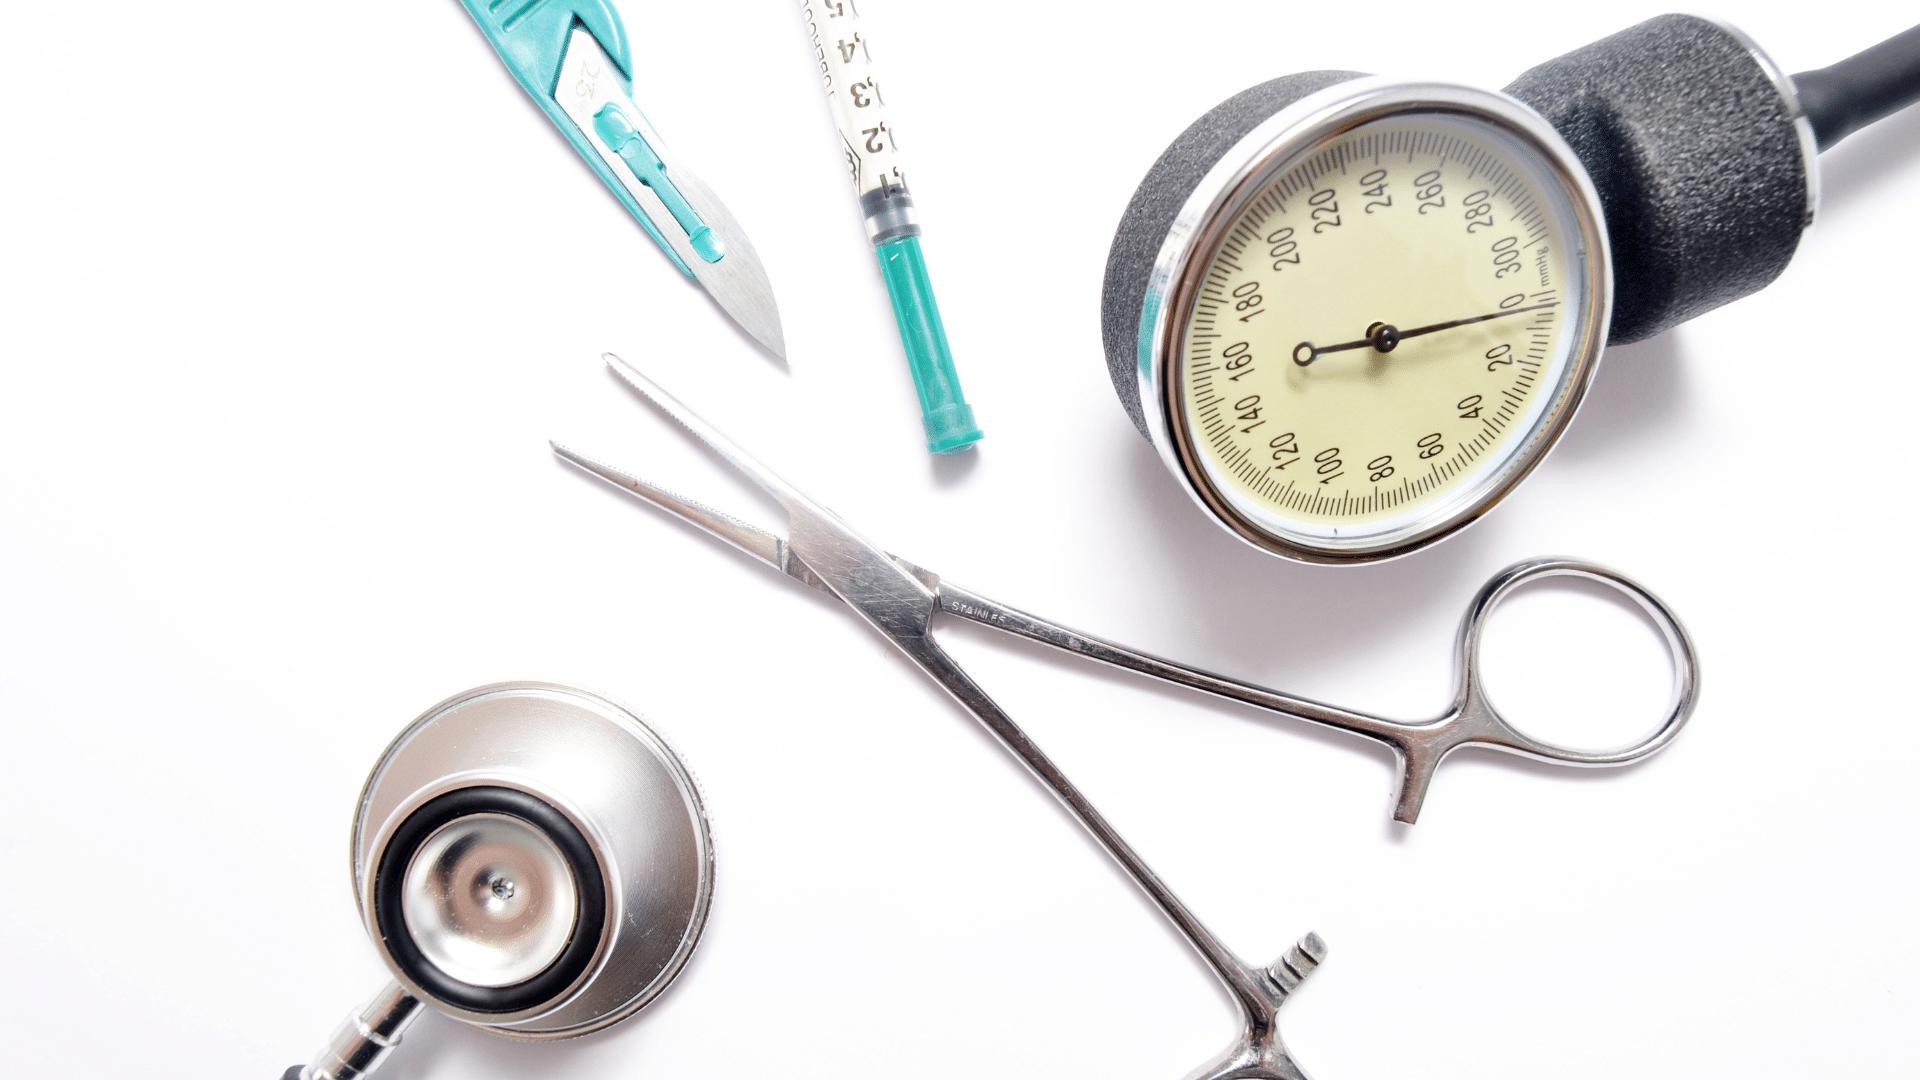 FOBCO ERP revendeur matériel médical